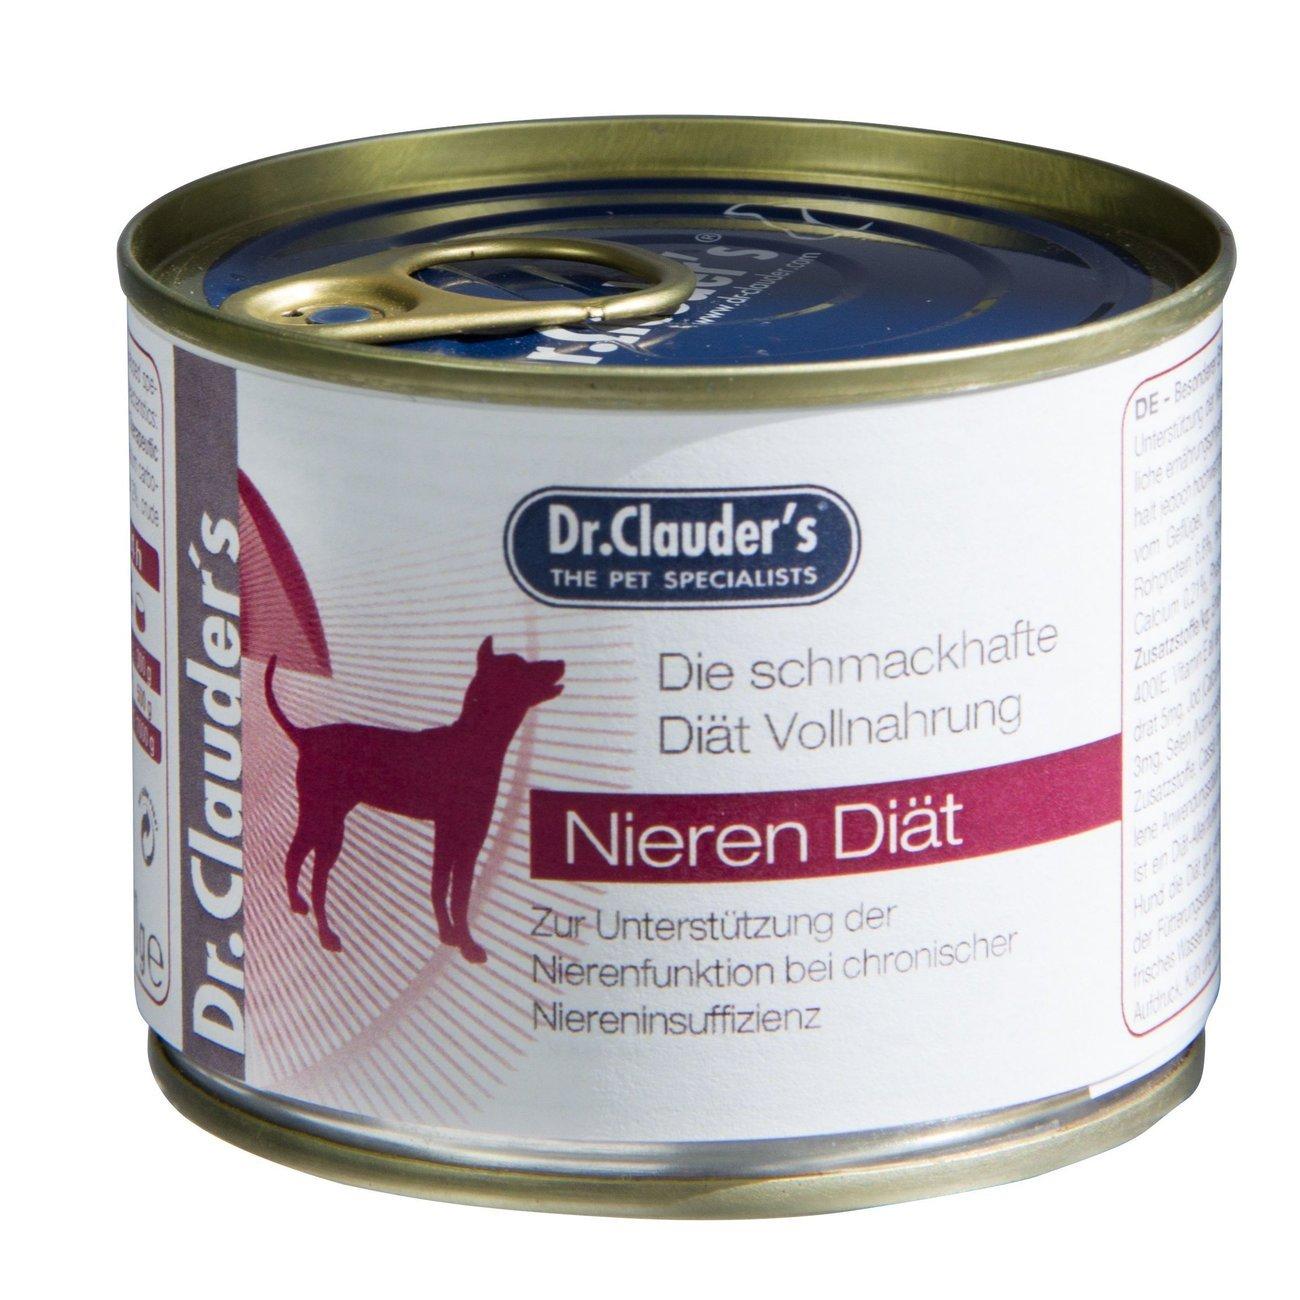 Dr. Clauders Diät Hundefutter RSD Nierendiät, 6x200g